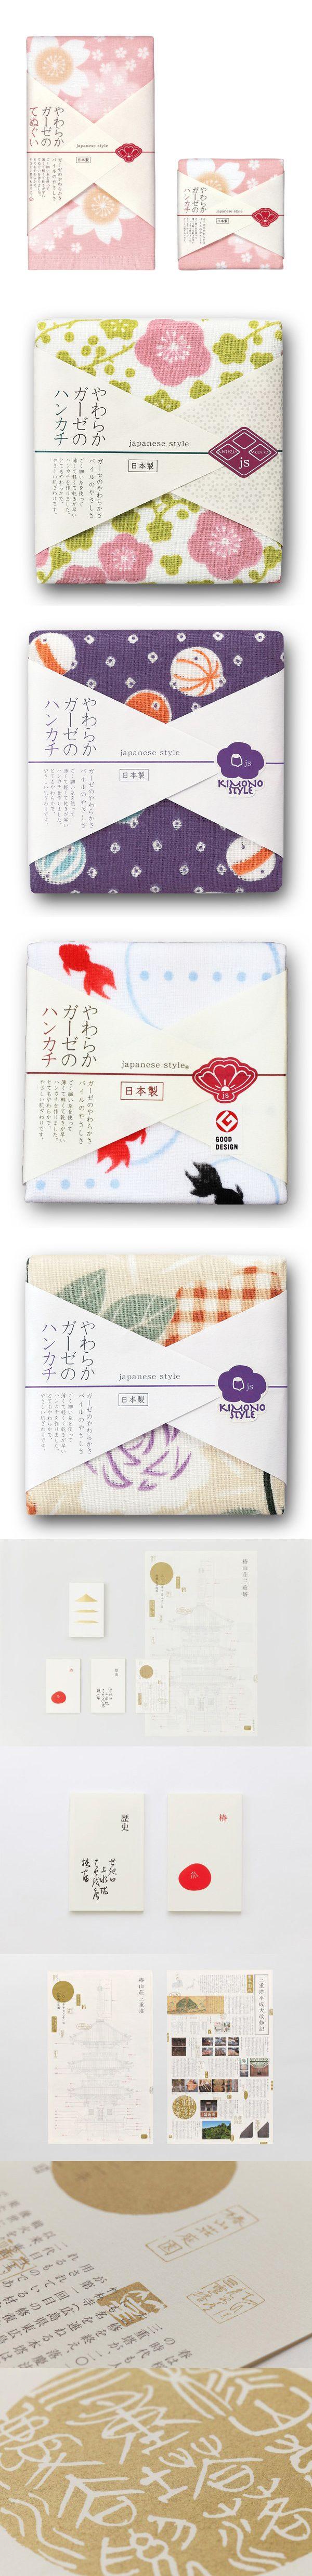 辰鸟整合_日本设计,只能说太美了-----------------------서로 겹쳐논 포장지 참고. 가운데에 묶은 느낌을 주는 선이 인상적이다.